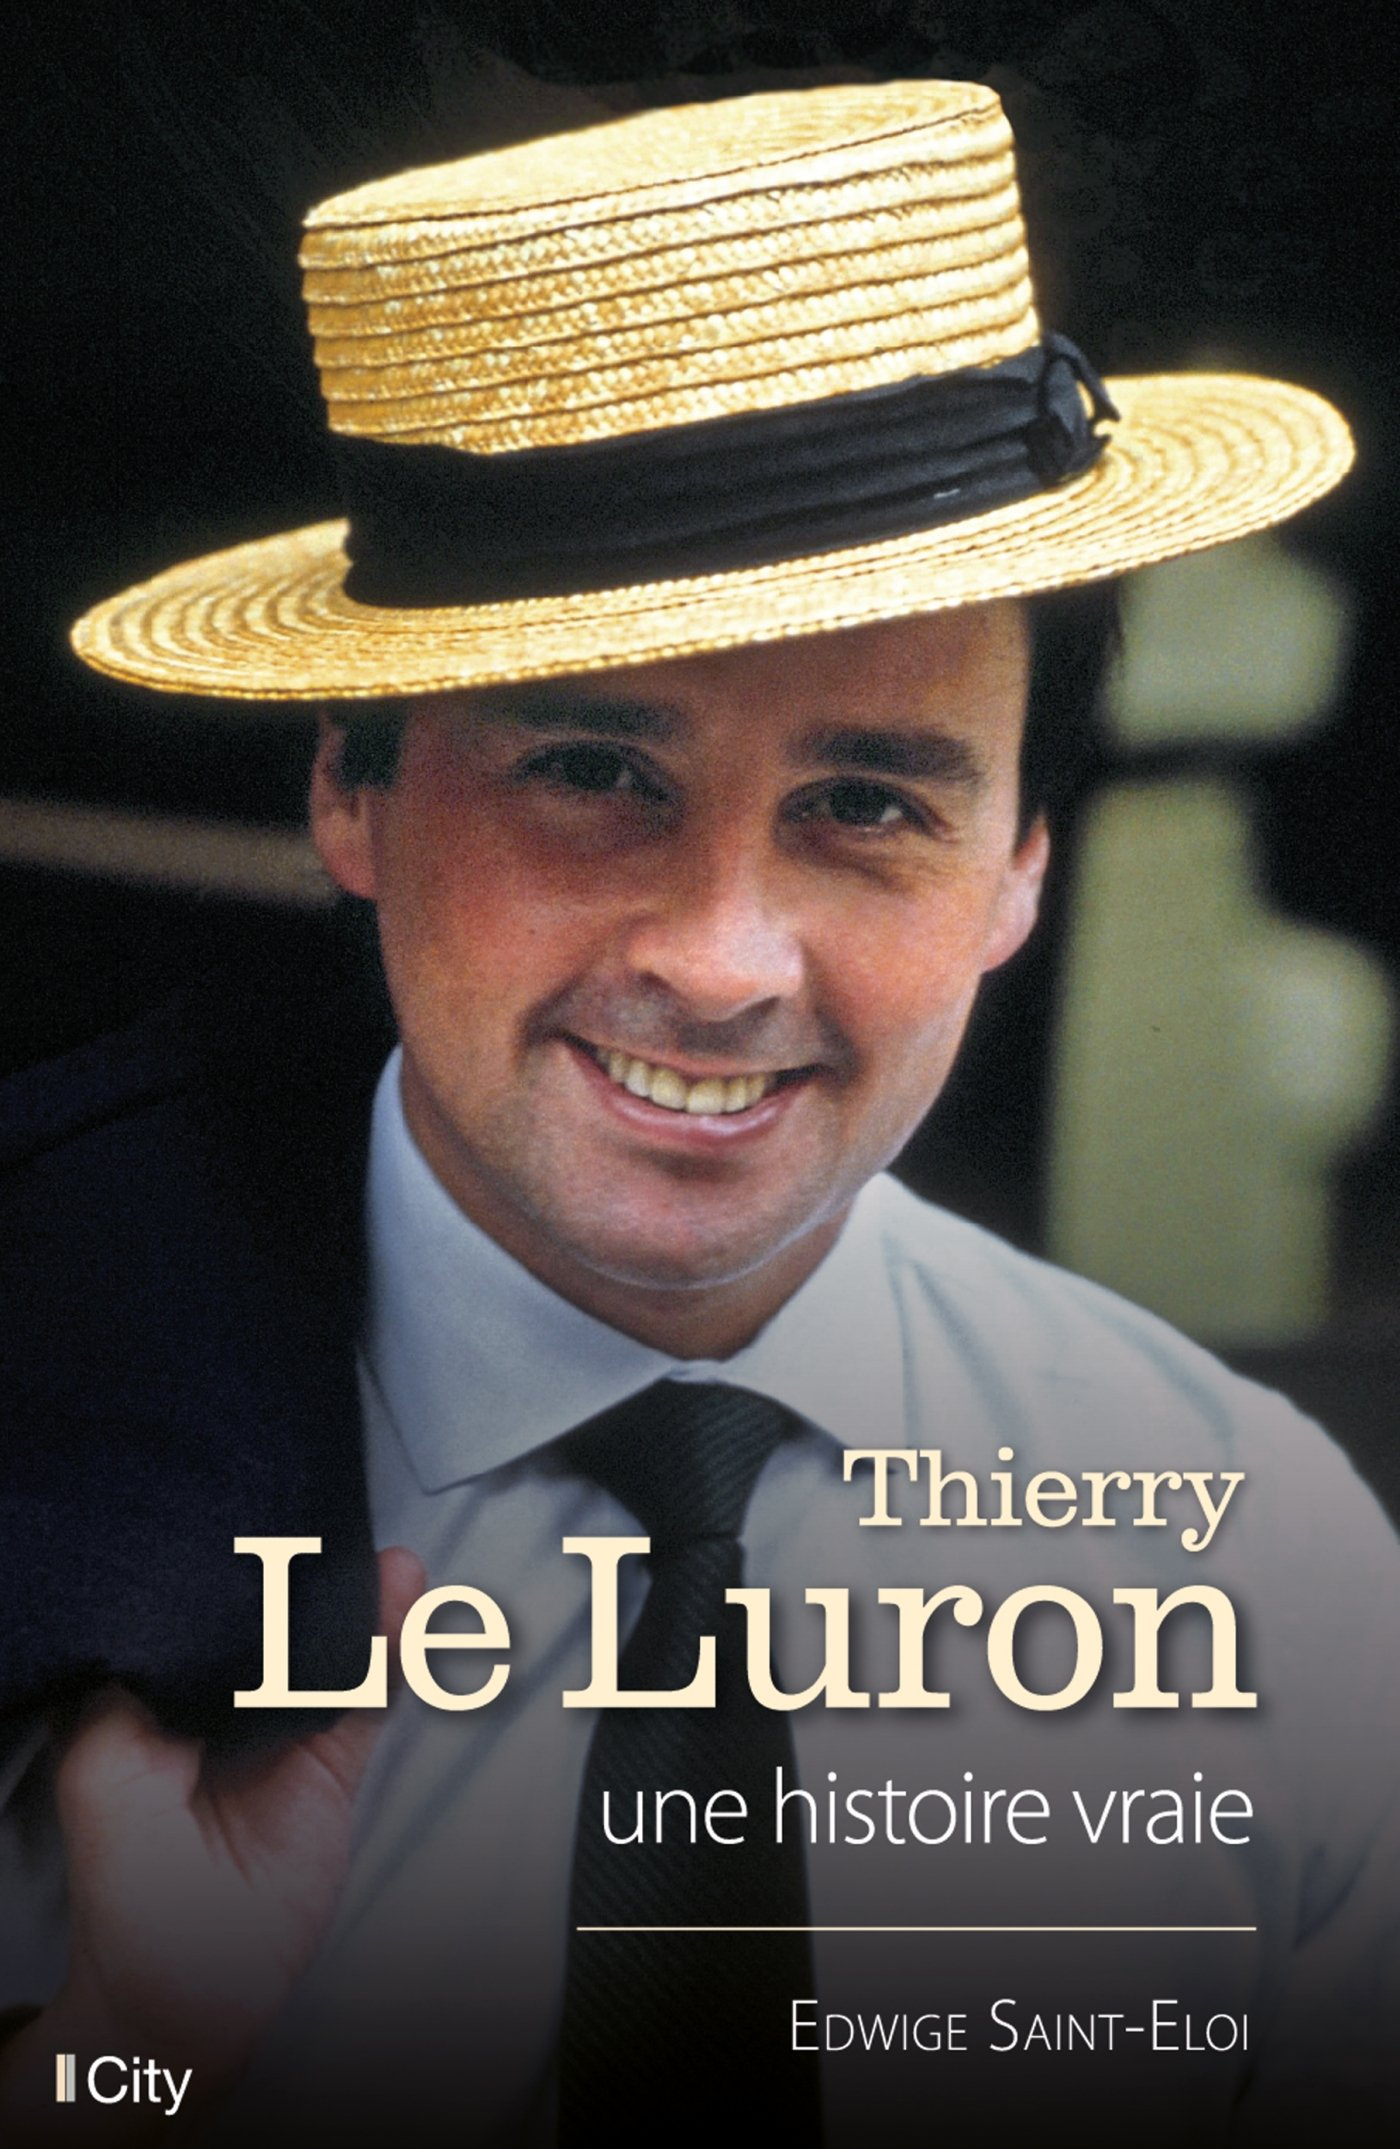 GRATUITEMENT TÉLÉCHARGER LURON THIERRY LE